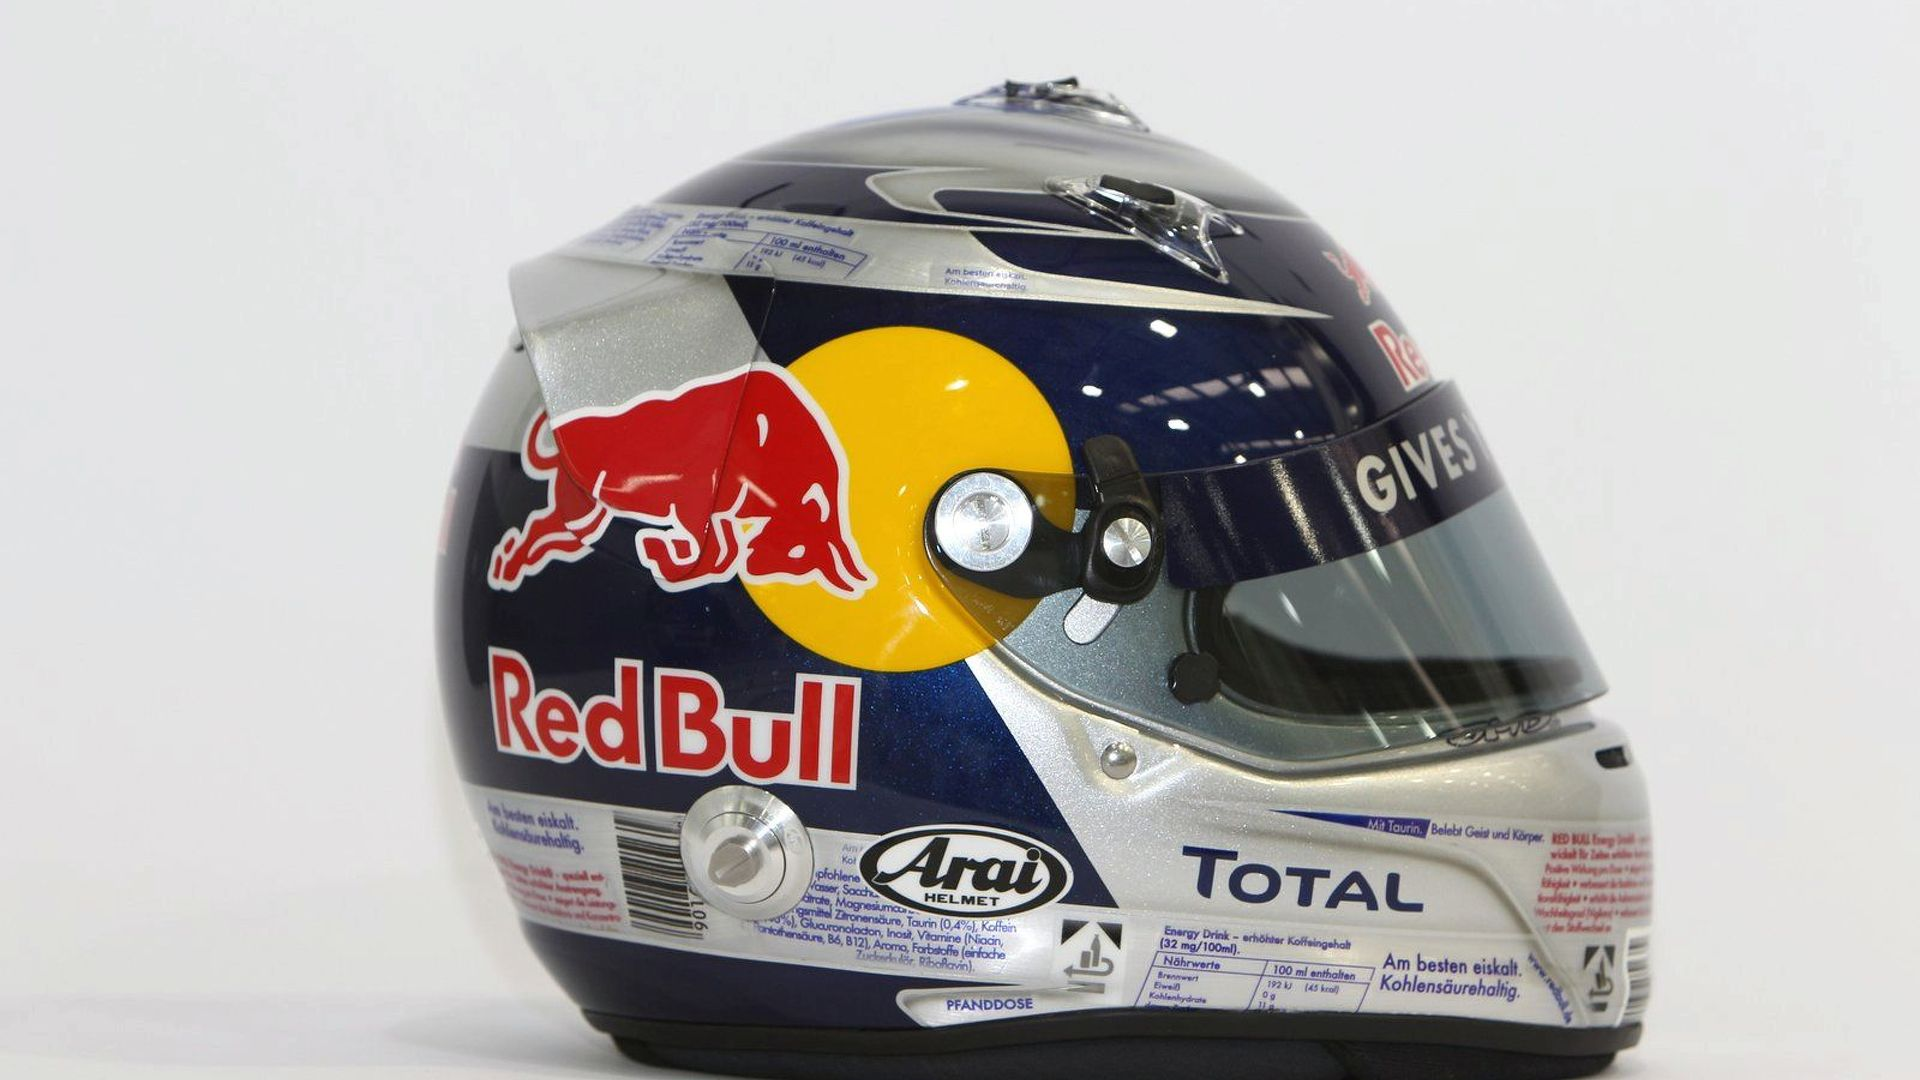 ffd68fcba Vettels helmet resembles red bull drink can jpg 1920x1080 Red bull energy  helmet